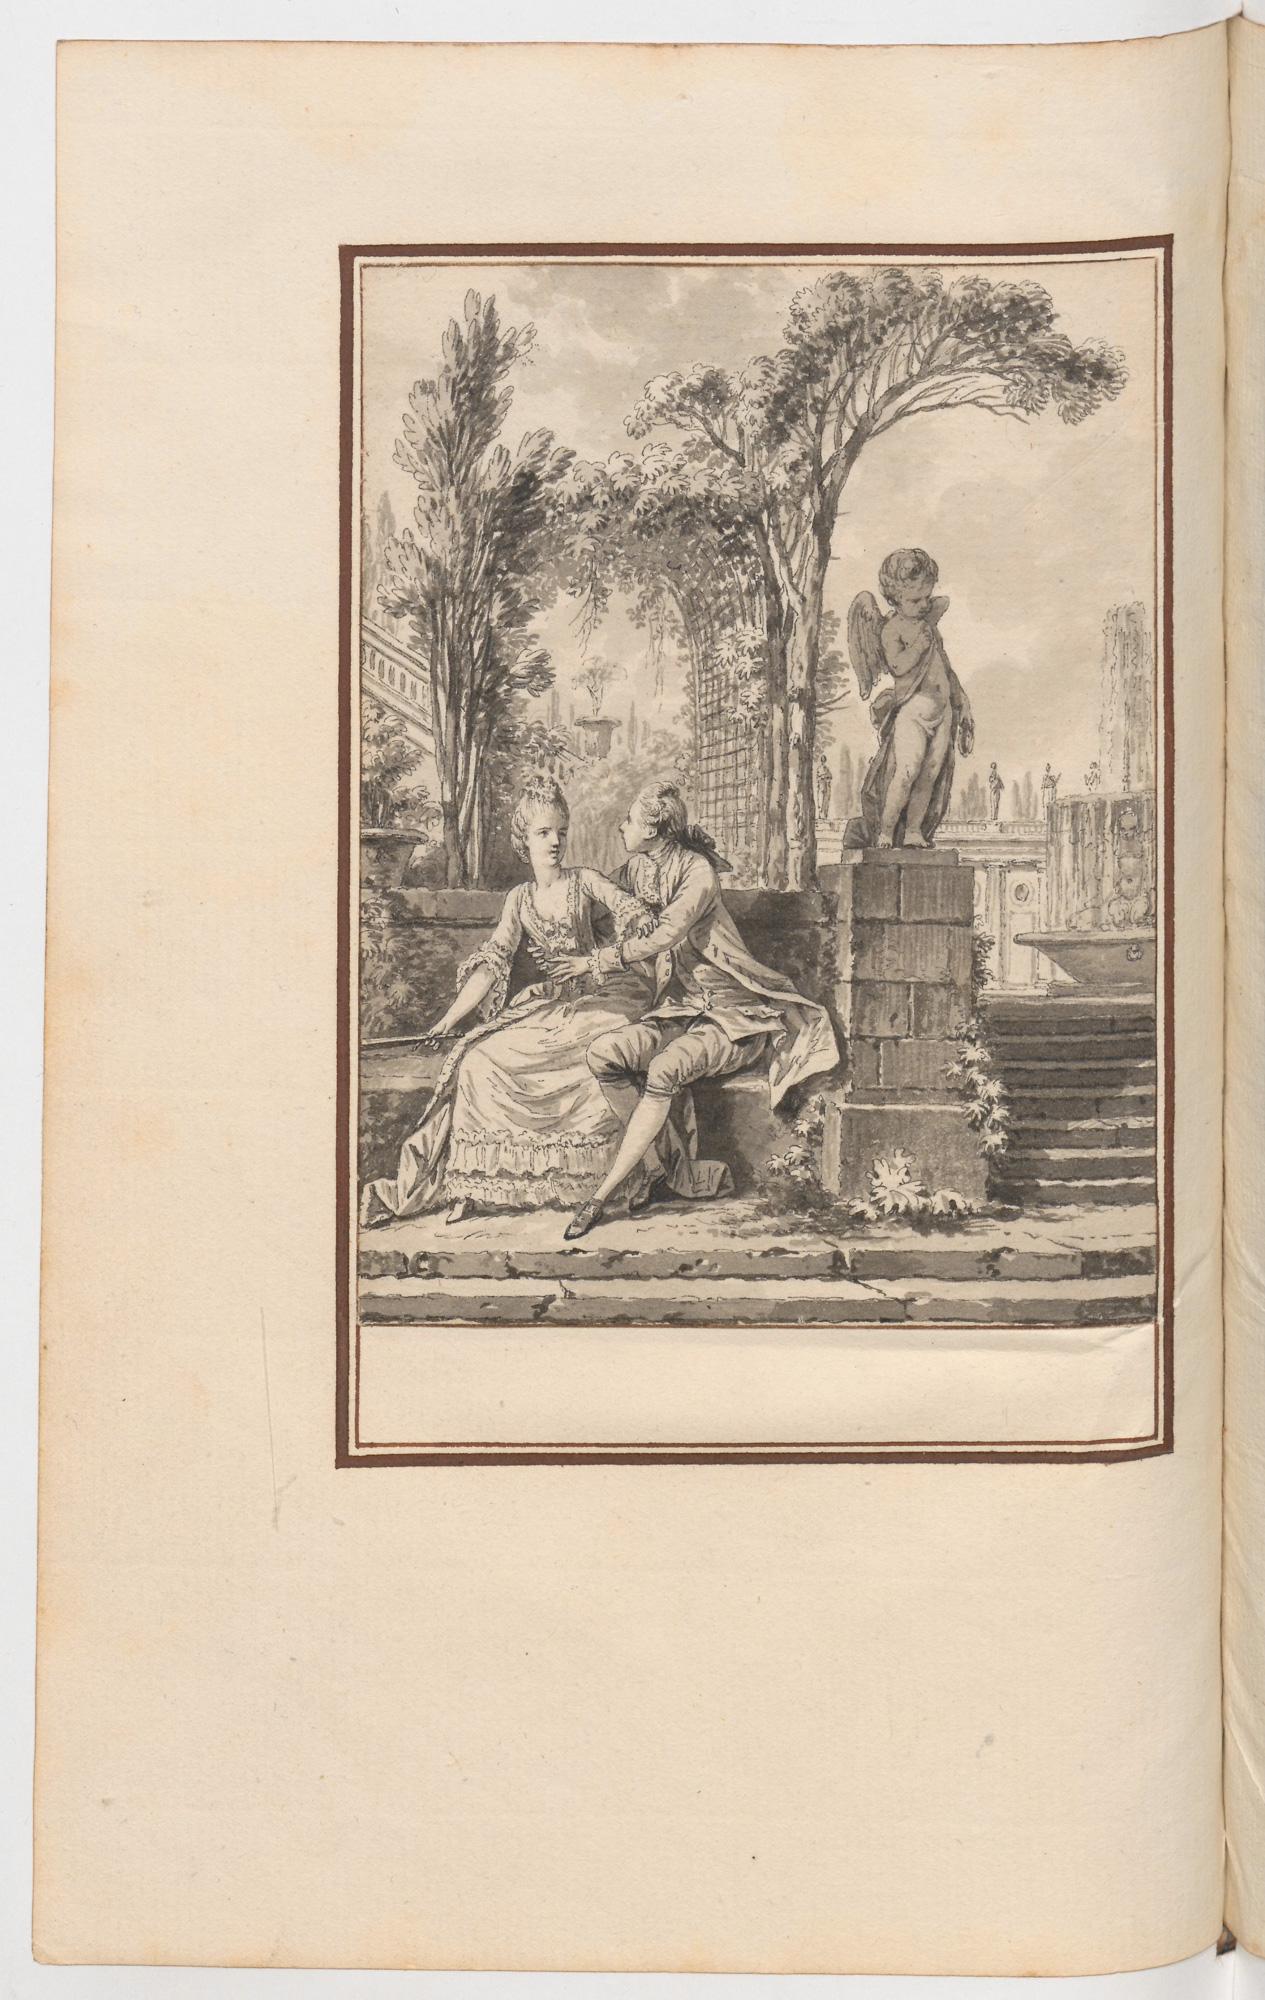 S.3.14 La valeur d'un baiser, Chantilly, Image